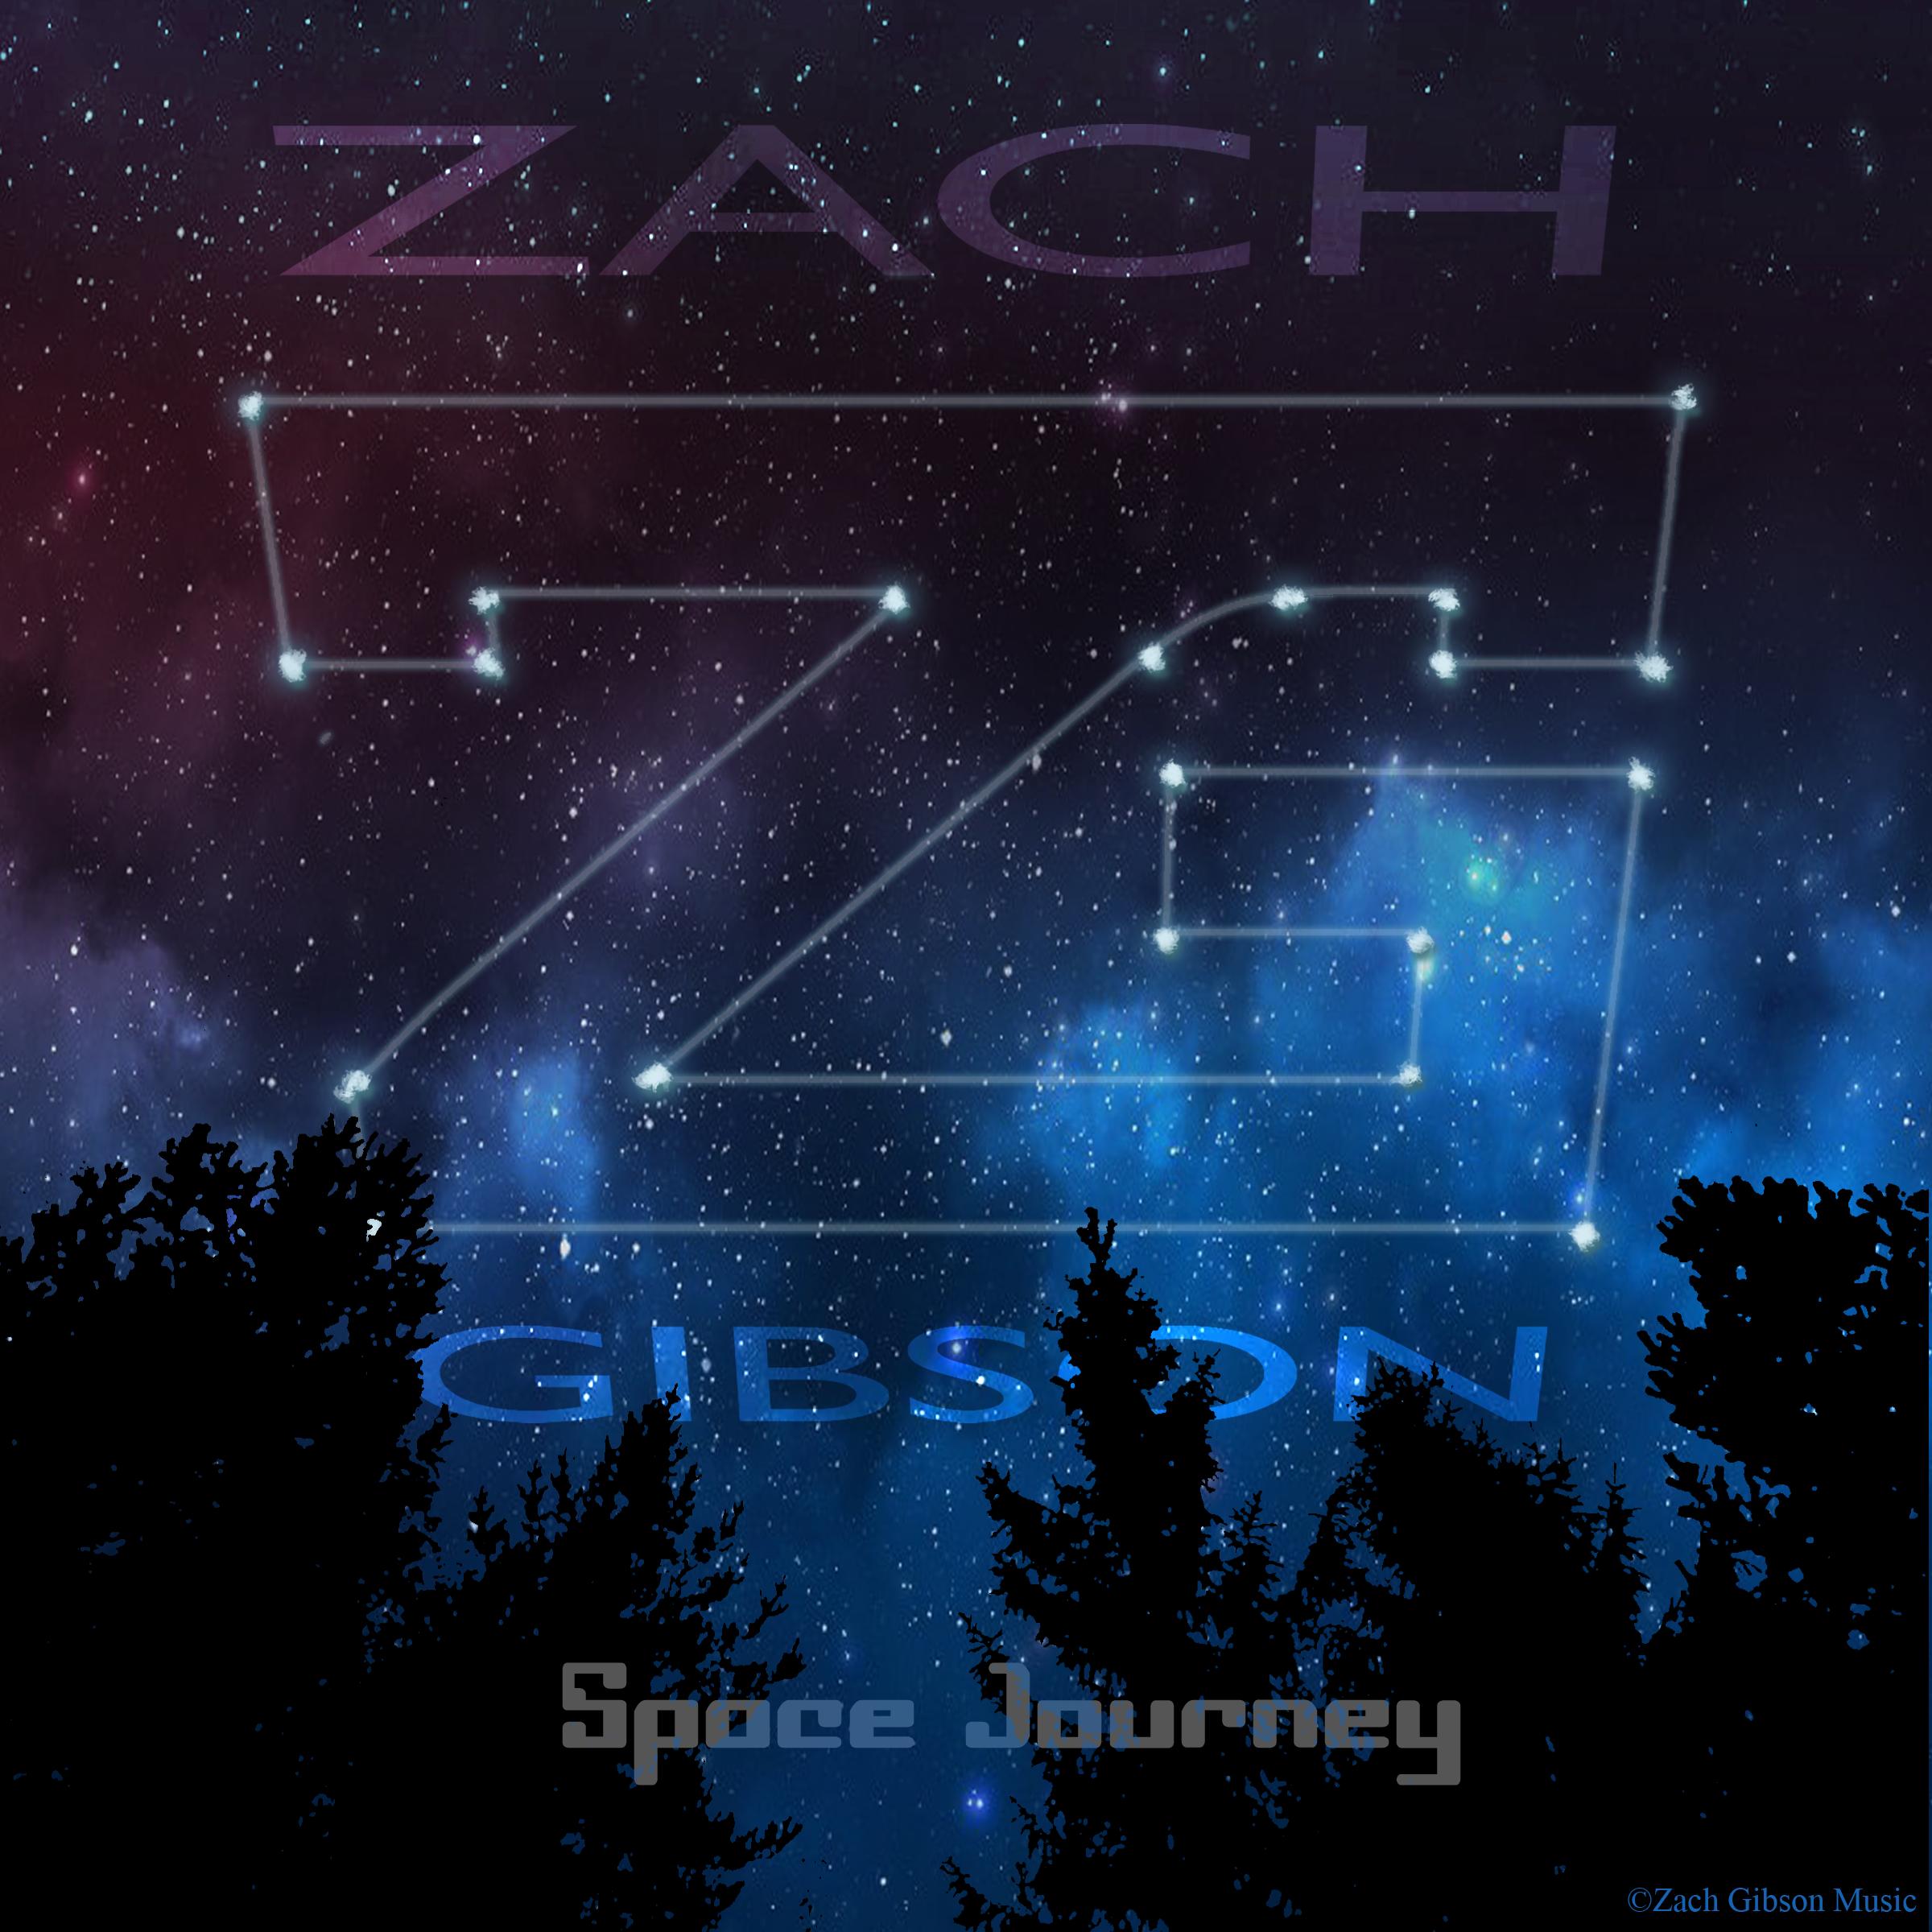 Space Journey Album Cover